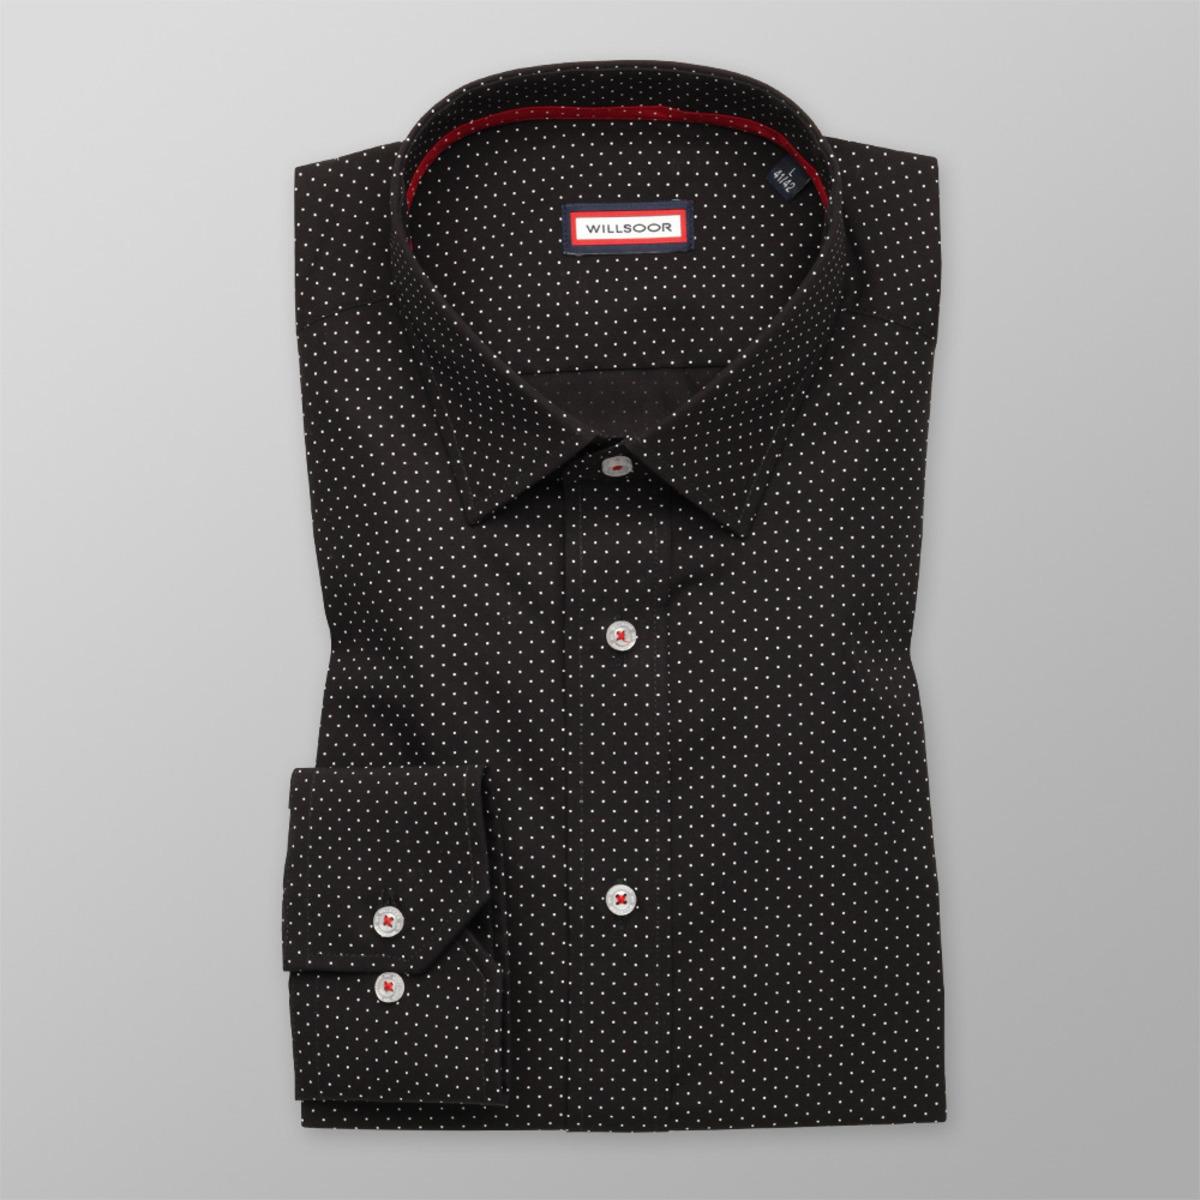 8140bf8aac4d Košeľa Slim Fit čierna (výška 164 - 170) 9708 164-170   L